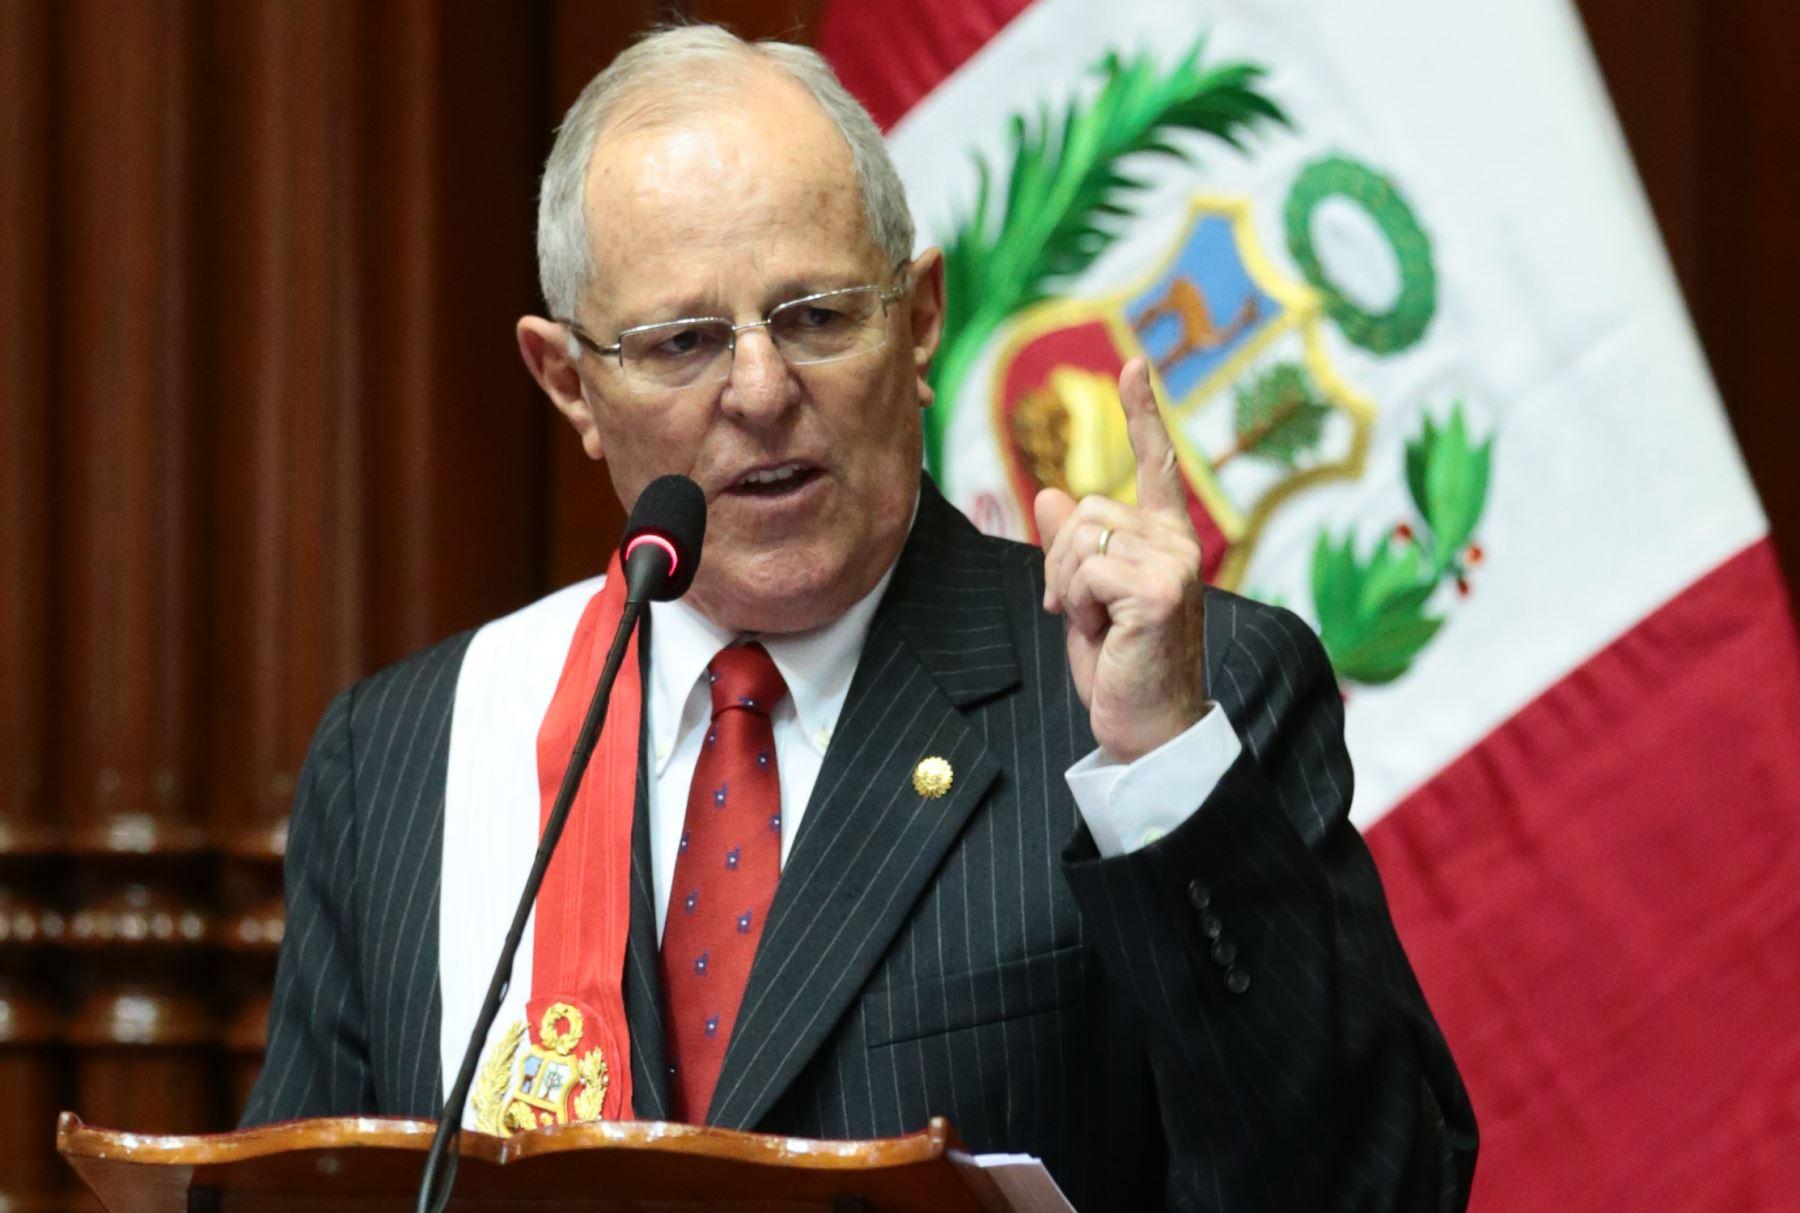 Presidente de Perú pide le levanten el secreto bancario por caso Odebrecht